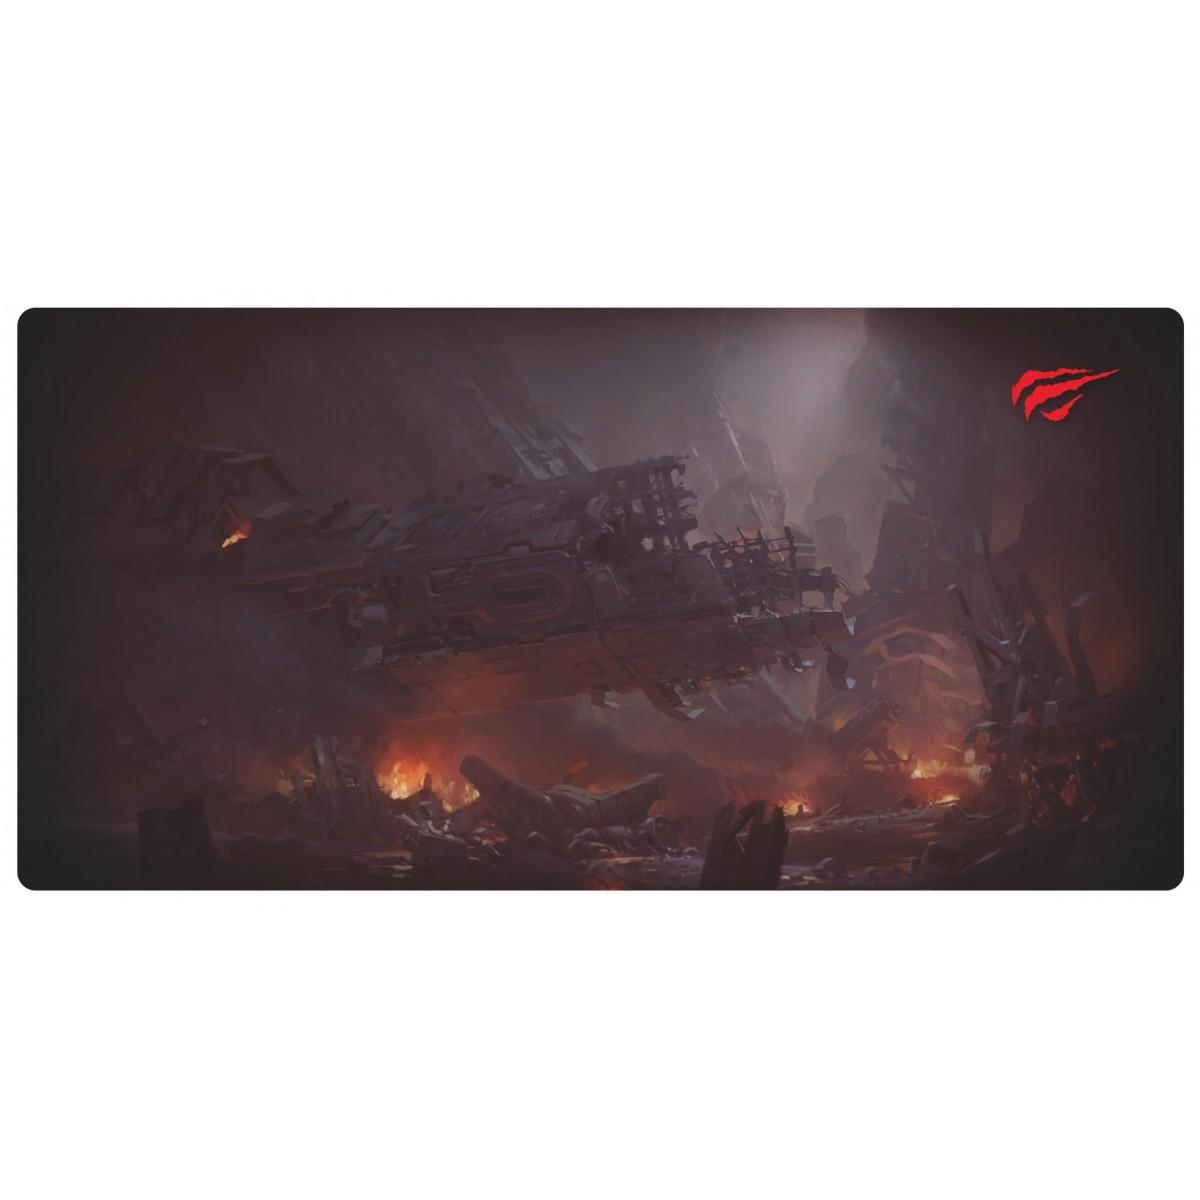 Mousepad Gamer Havit MP251, Grande. HV-MP251